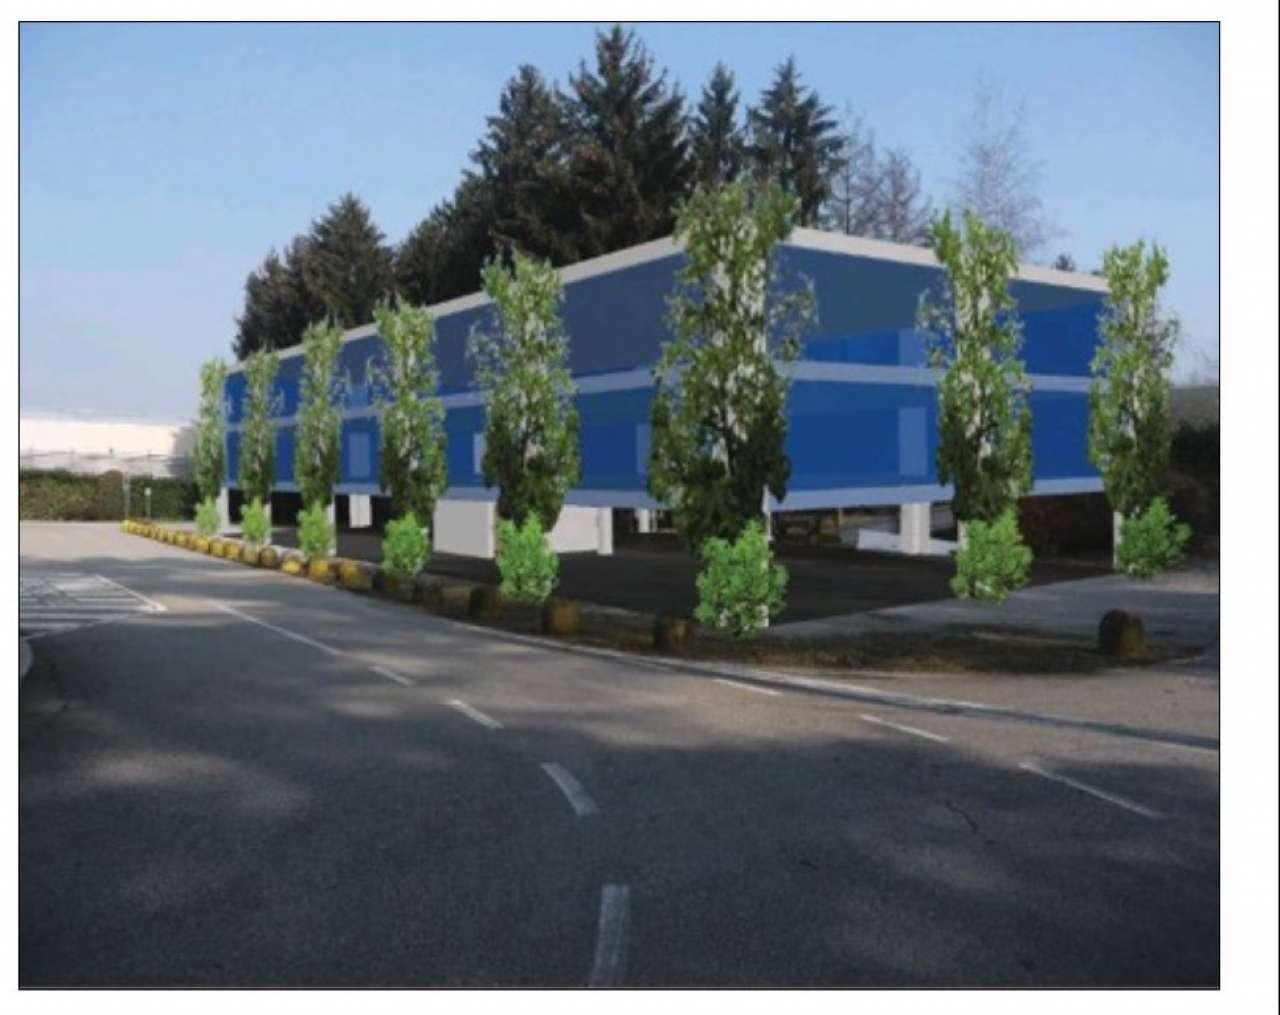 Como vicinanze nuovi uffici e laboratori mq.1500 fraz. lotti mq.500 Rif. 9226712